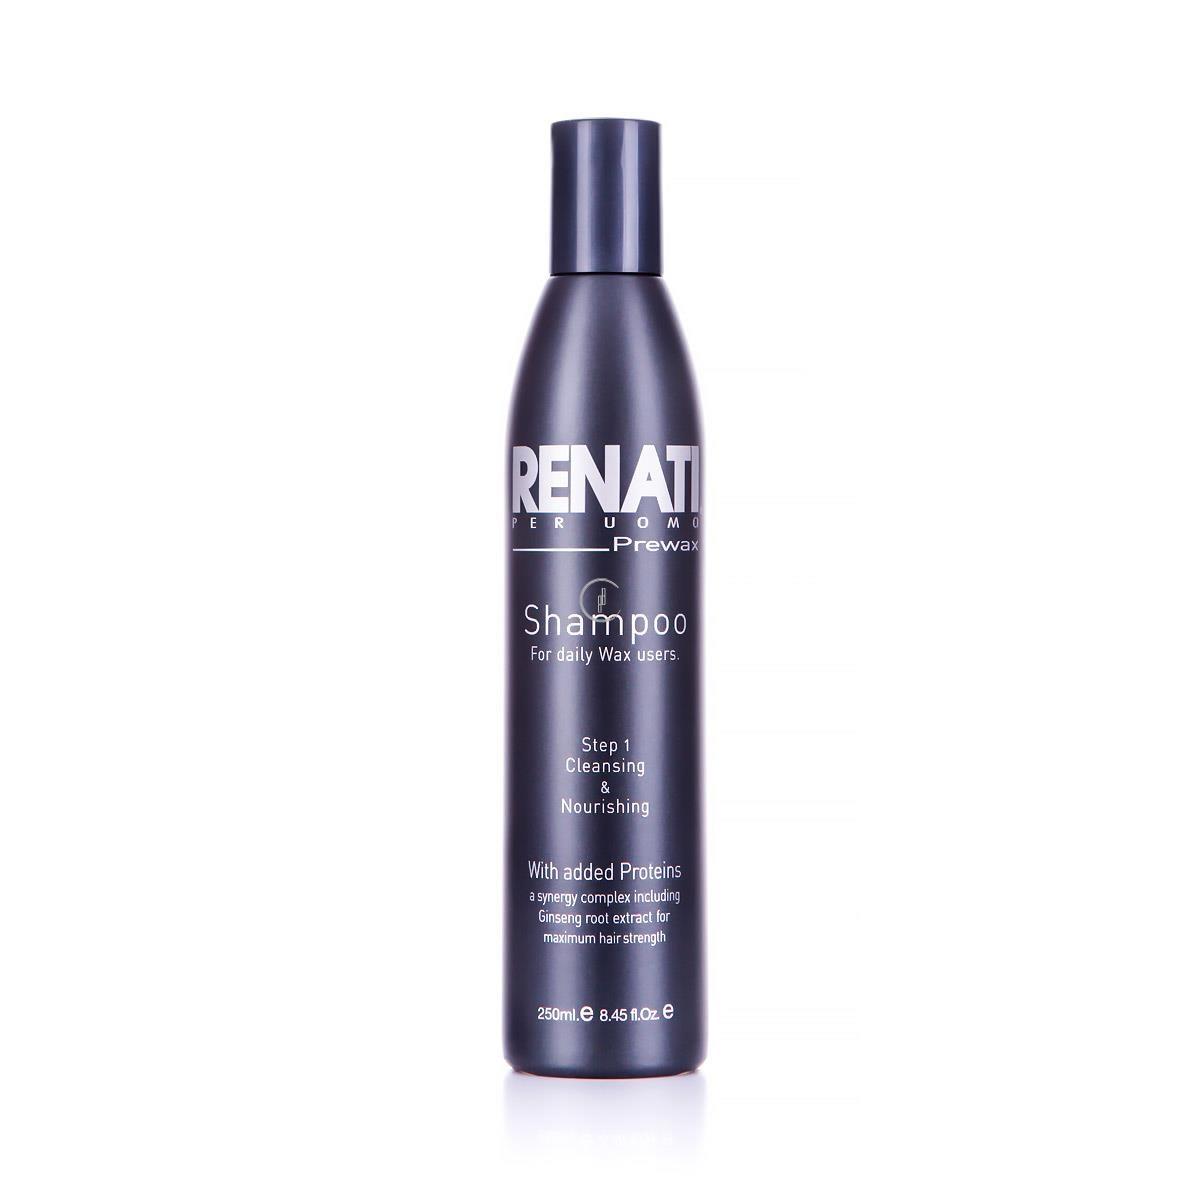 RENATI Per Uomo Pre Wax Shampoo - Szampon oczyszczający dla mężczyzn